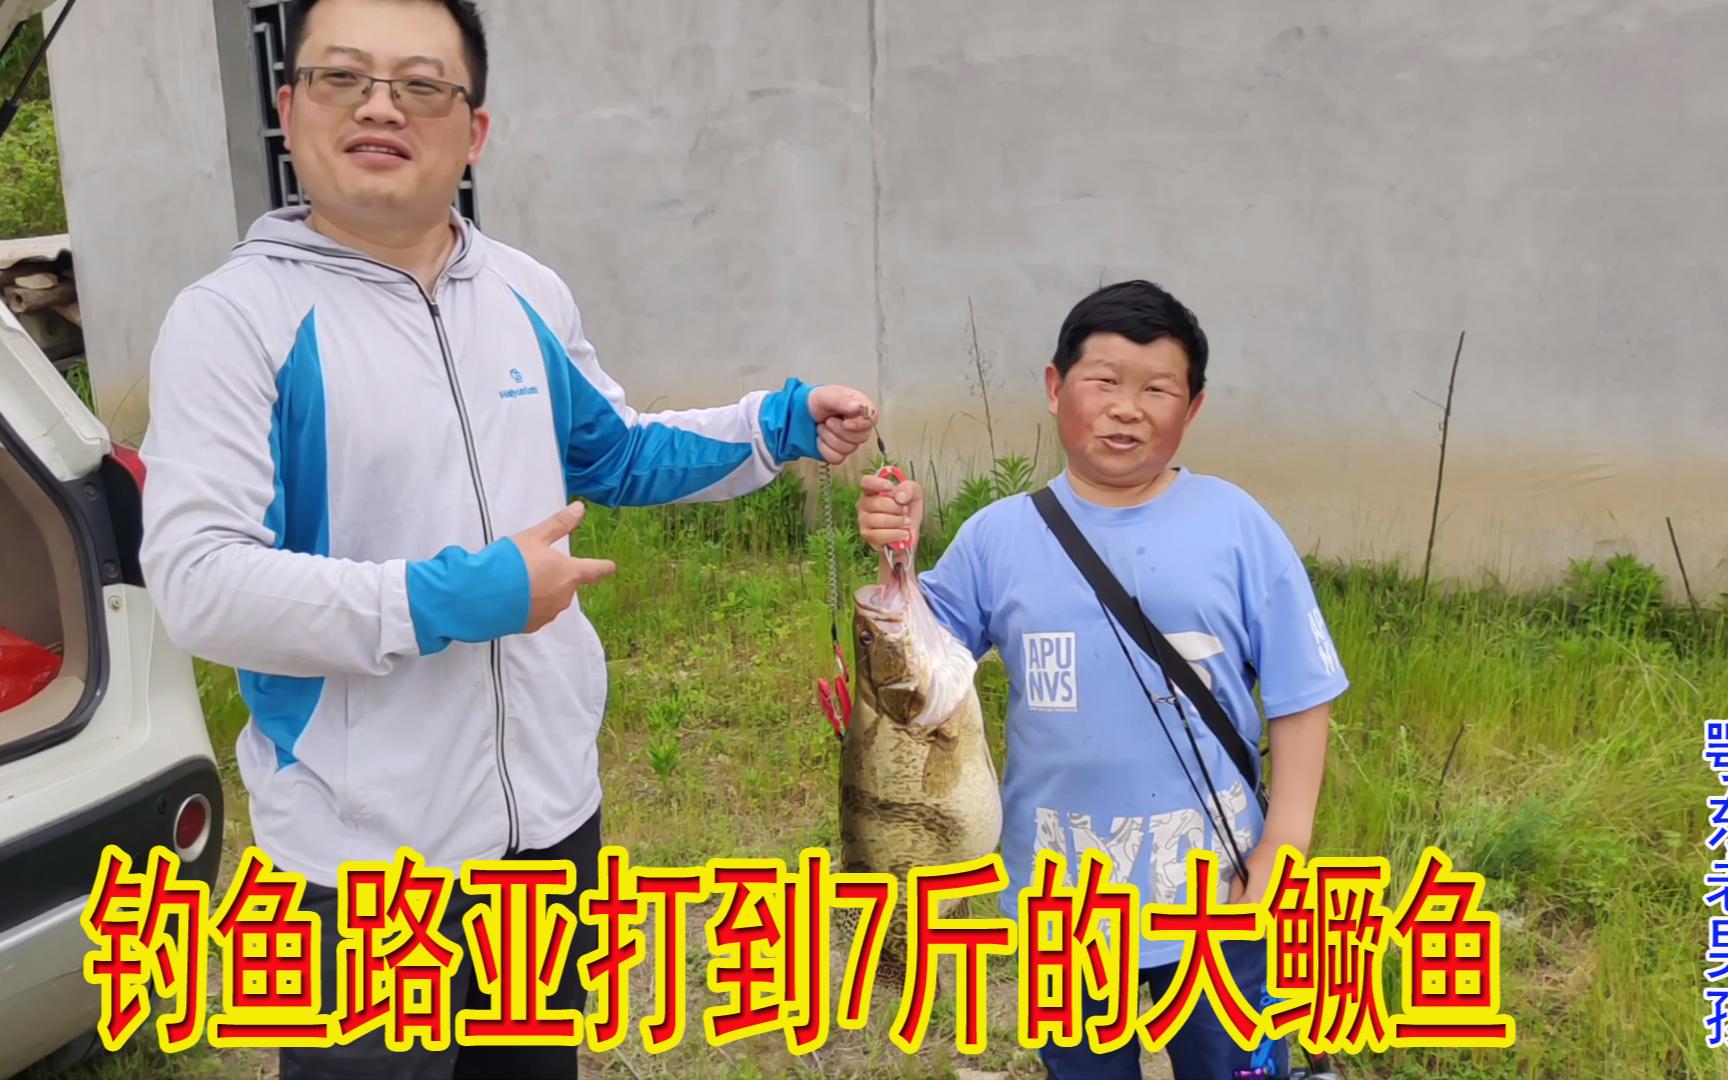 弟弟带侄女去沙滩玩,老男孩却打路亚,看钓友的7斤大鳜鱼真羡慕